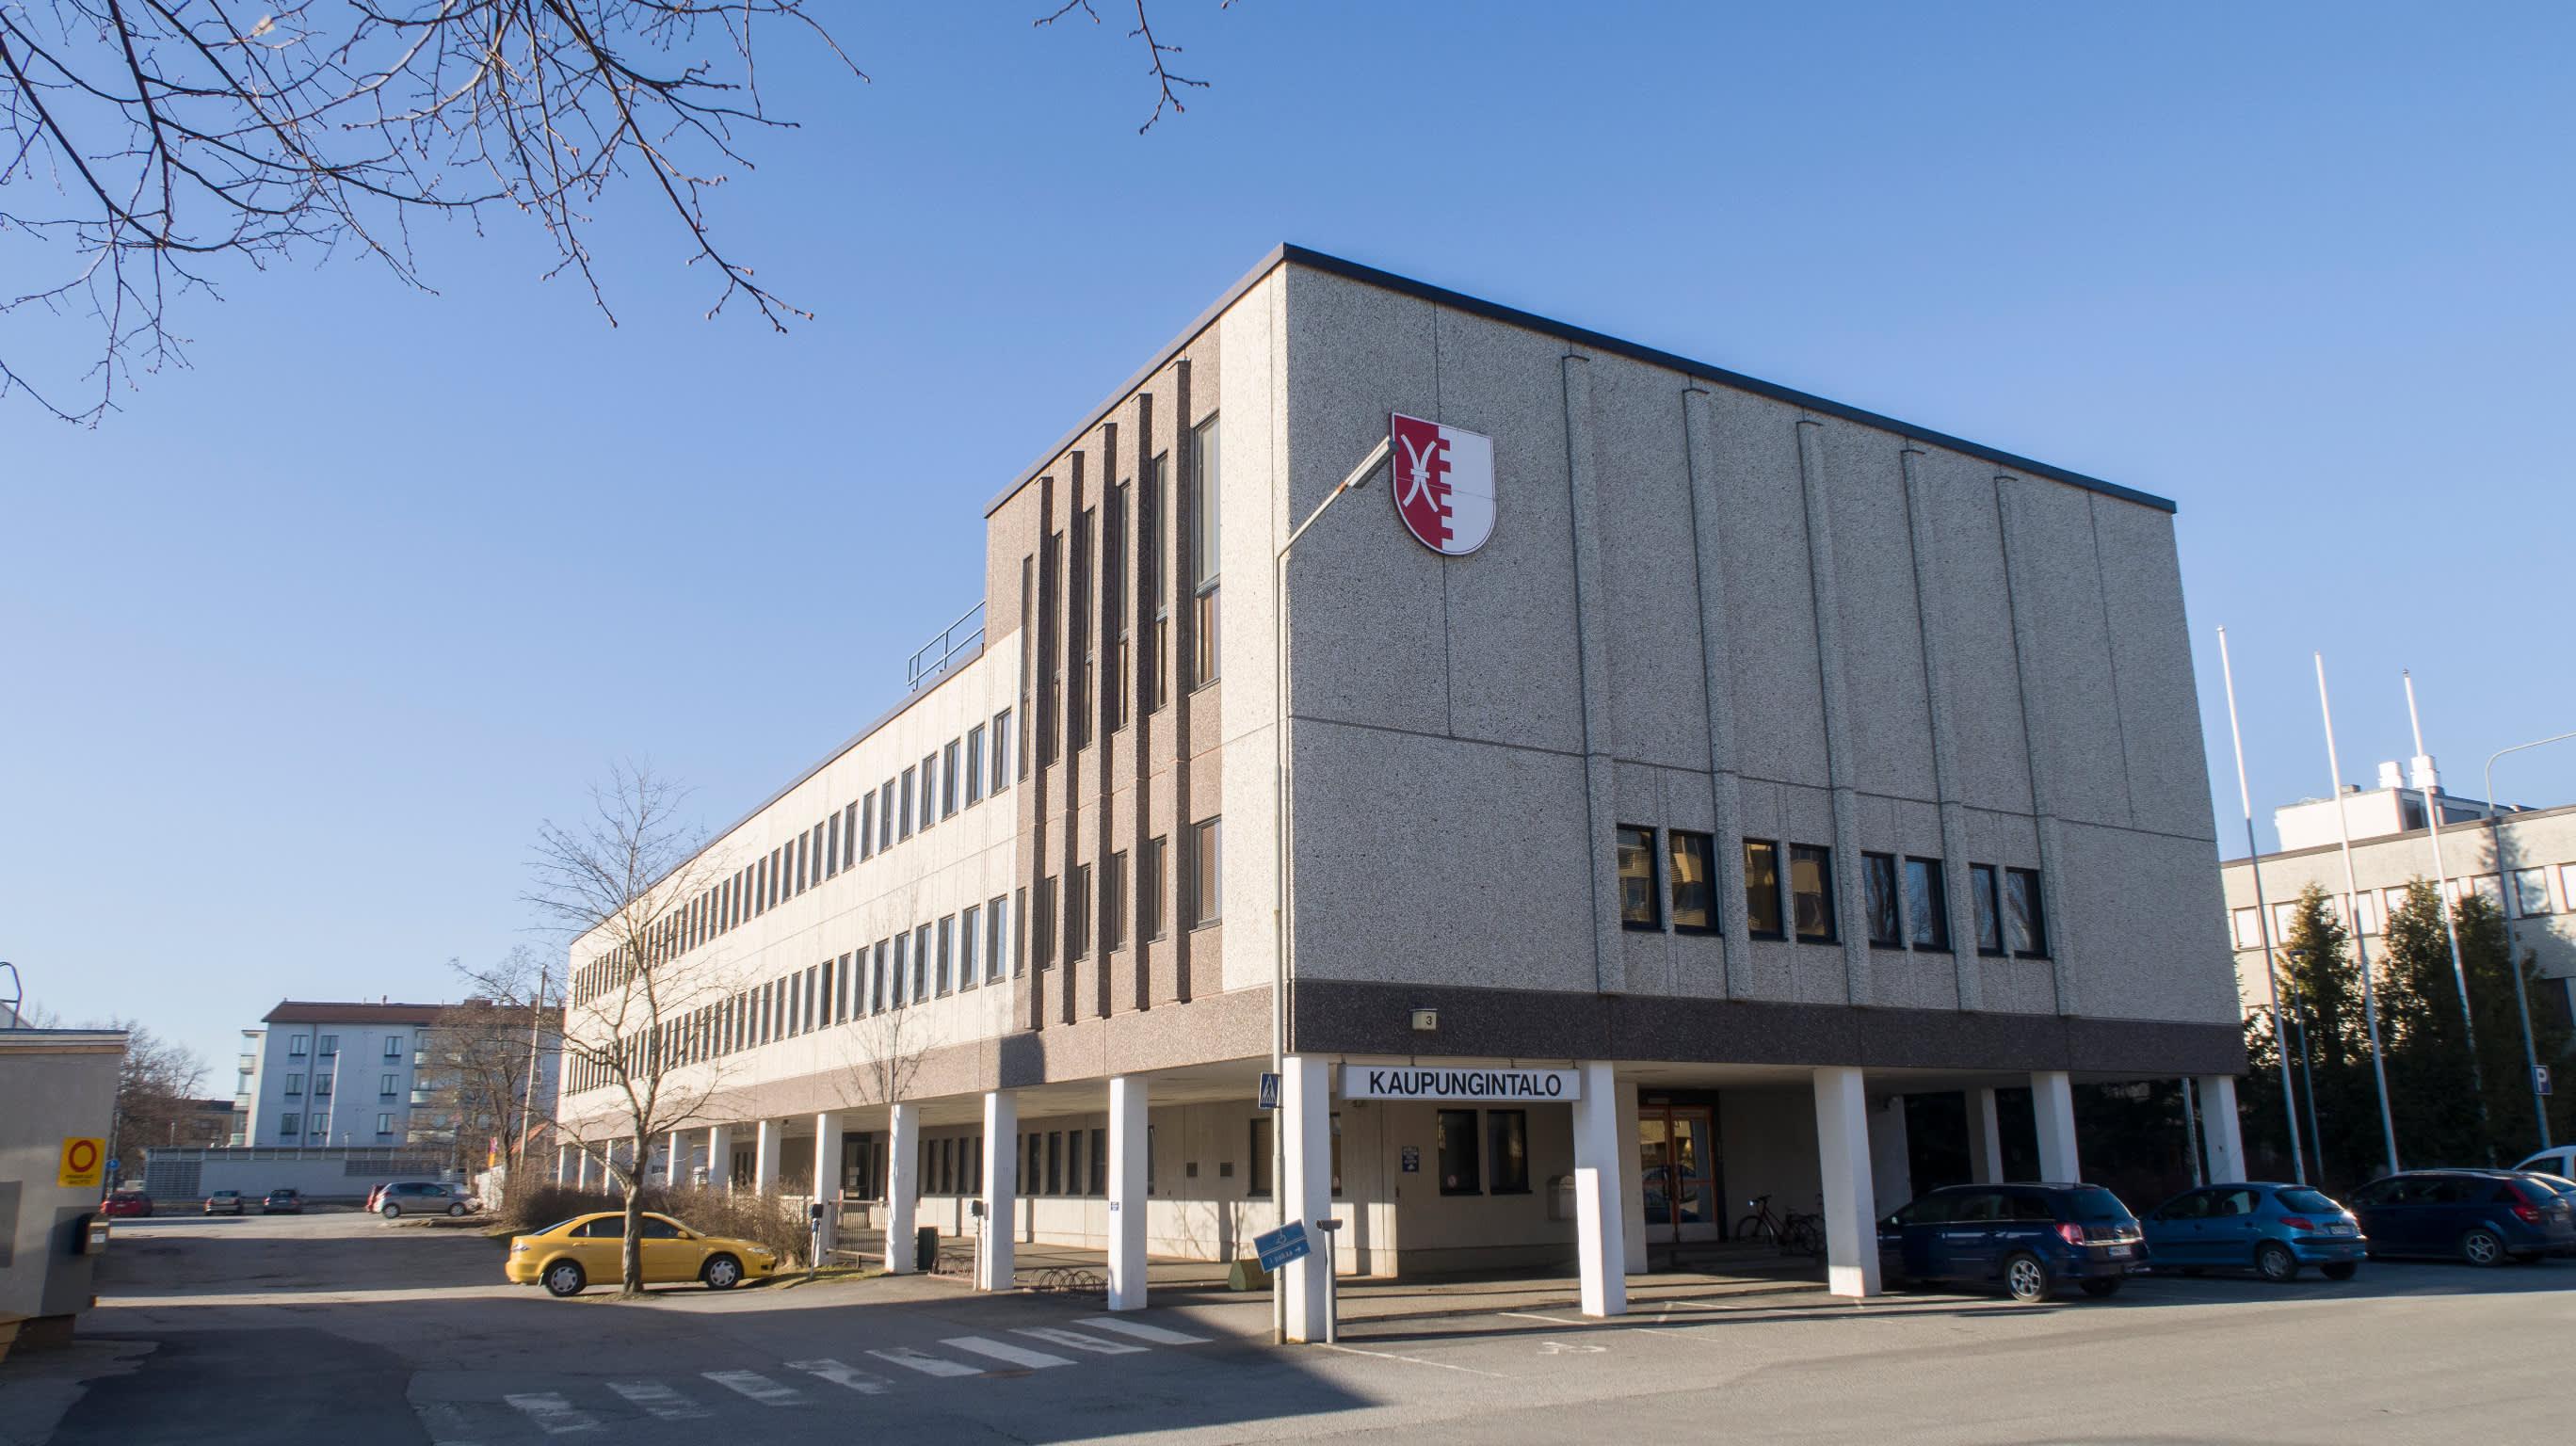 Akaan kaupungintalo